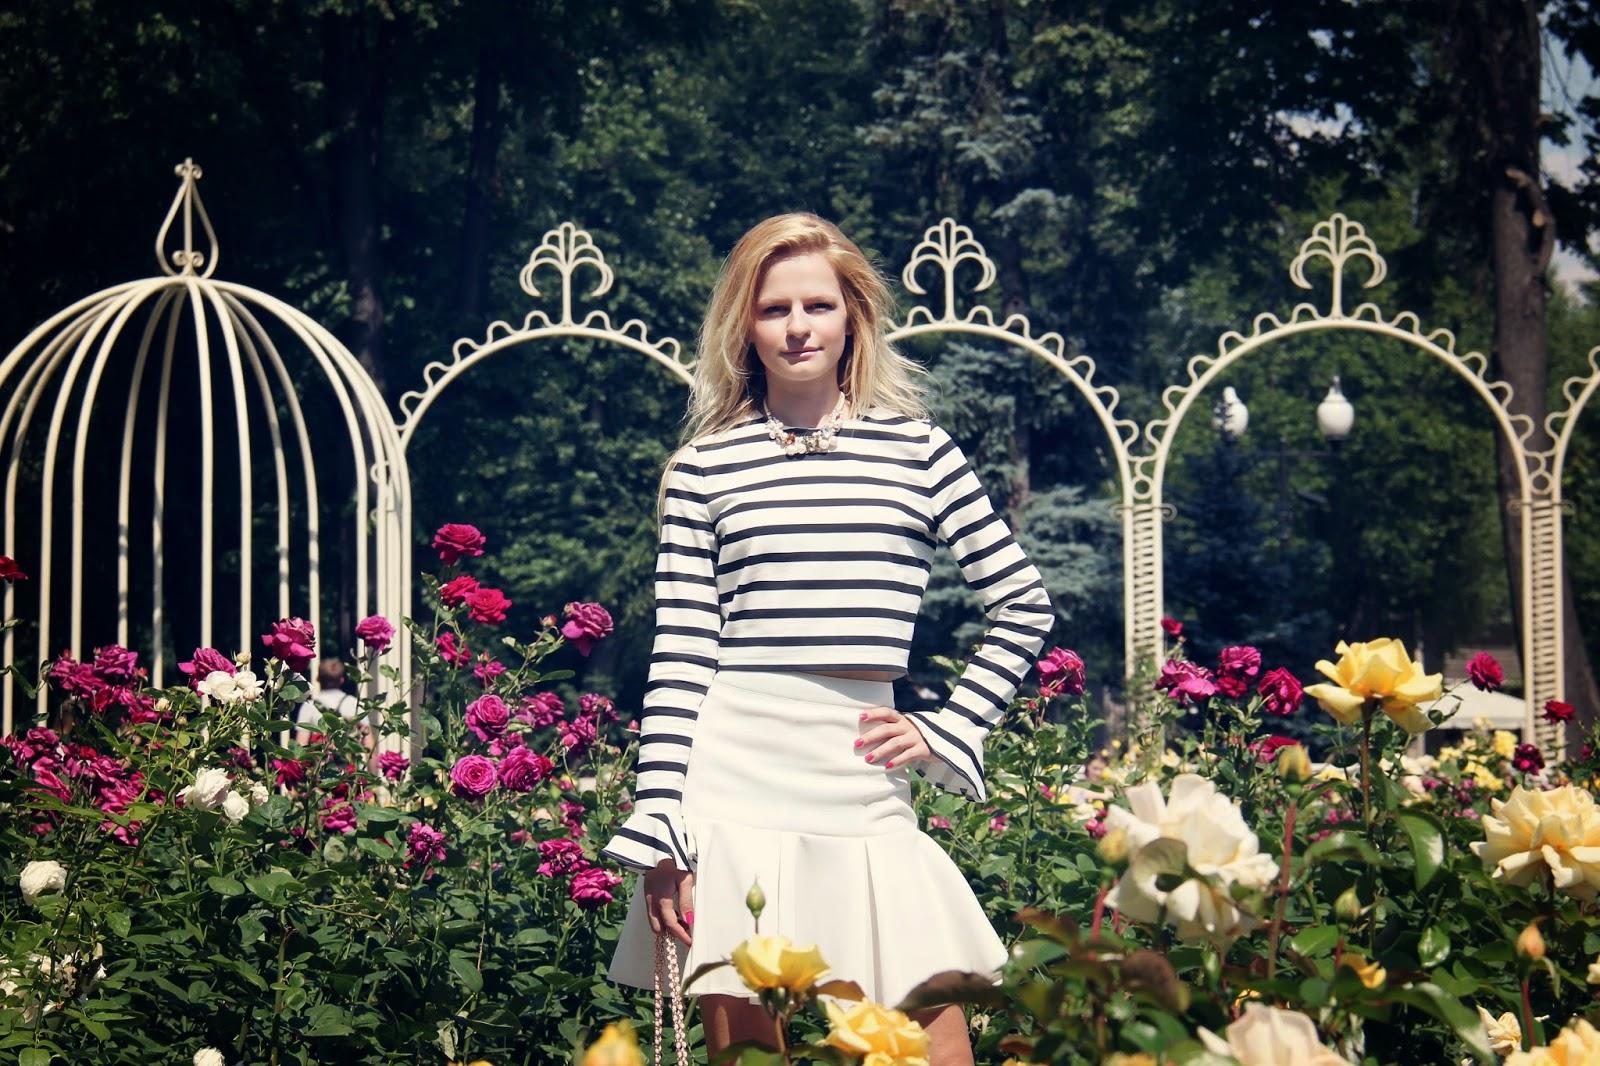 Ирина Павлова блогер, как носить топ, летние луки, модные тенденции,модные блоггеры